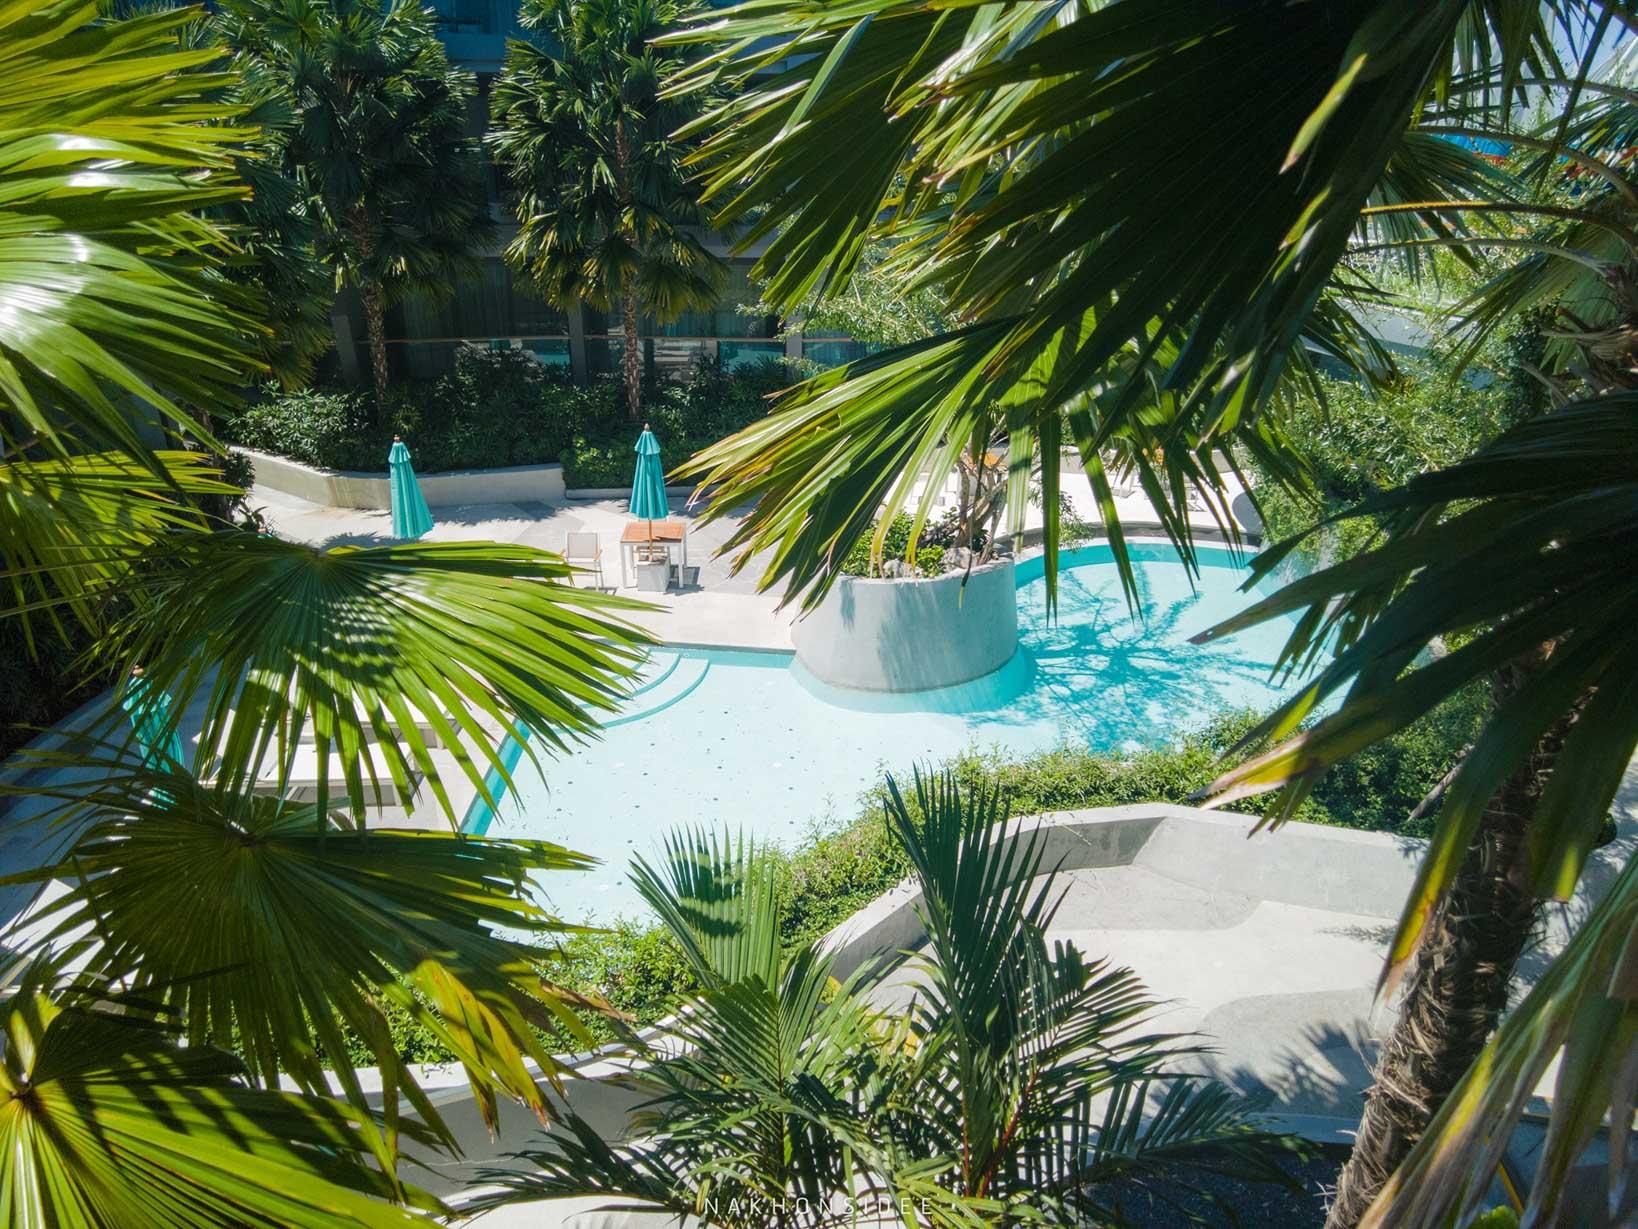 โรงแรมที่พักออกแบบสไตล์โมเดิร์น-มีจุดถ่ายรูปเพียบ--ทั้งโรงแรมเลยแหละ--สระว่ายน้ำมีหลายจุด-ทั้งแบบสระวิวทะเลสวยๆ-สระดาวกลางคืน-และสระส่วนตัวหลังห้อง-ดีย์ต่อจายยย  thesis,kata,ที่พักภูเก็ต,phuket,หาดกะตะ,เดอะซิสภูเก็ต